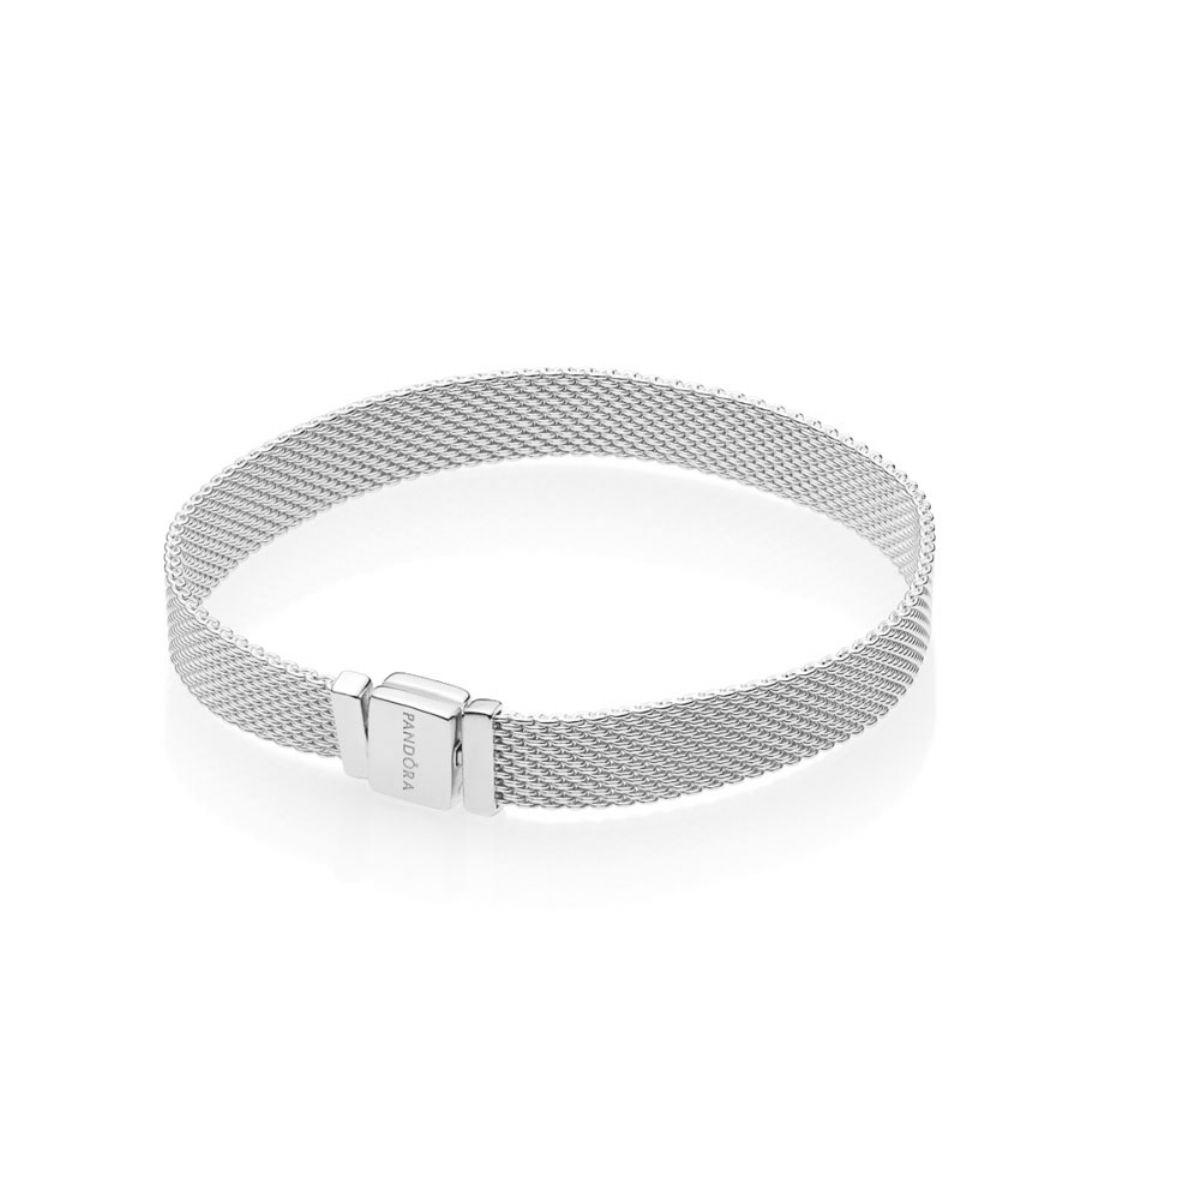 e5812cec0 Stříbrný náramek Pandora - Reflexions | Klenotysperky.cz